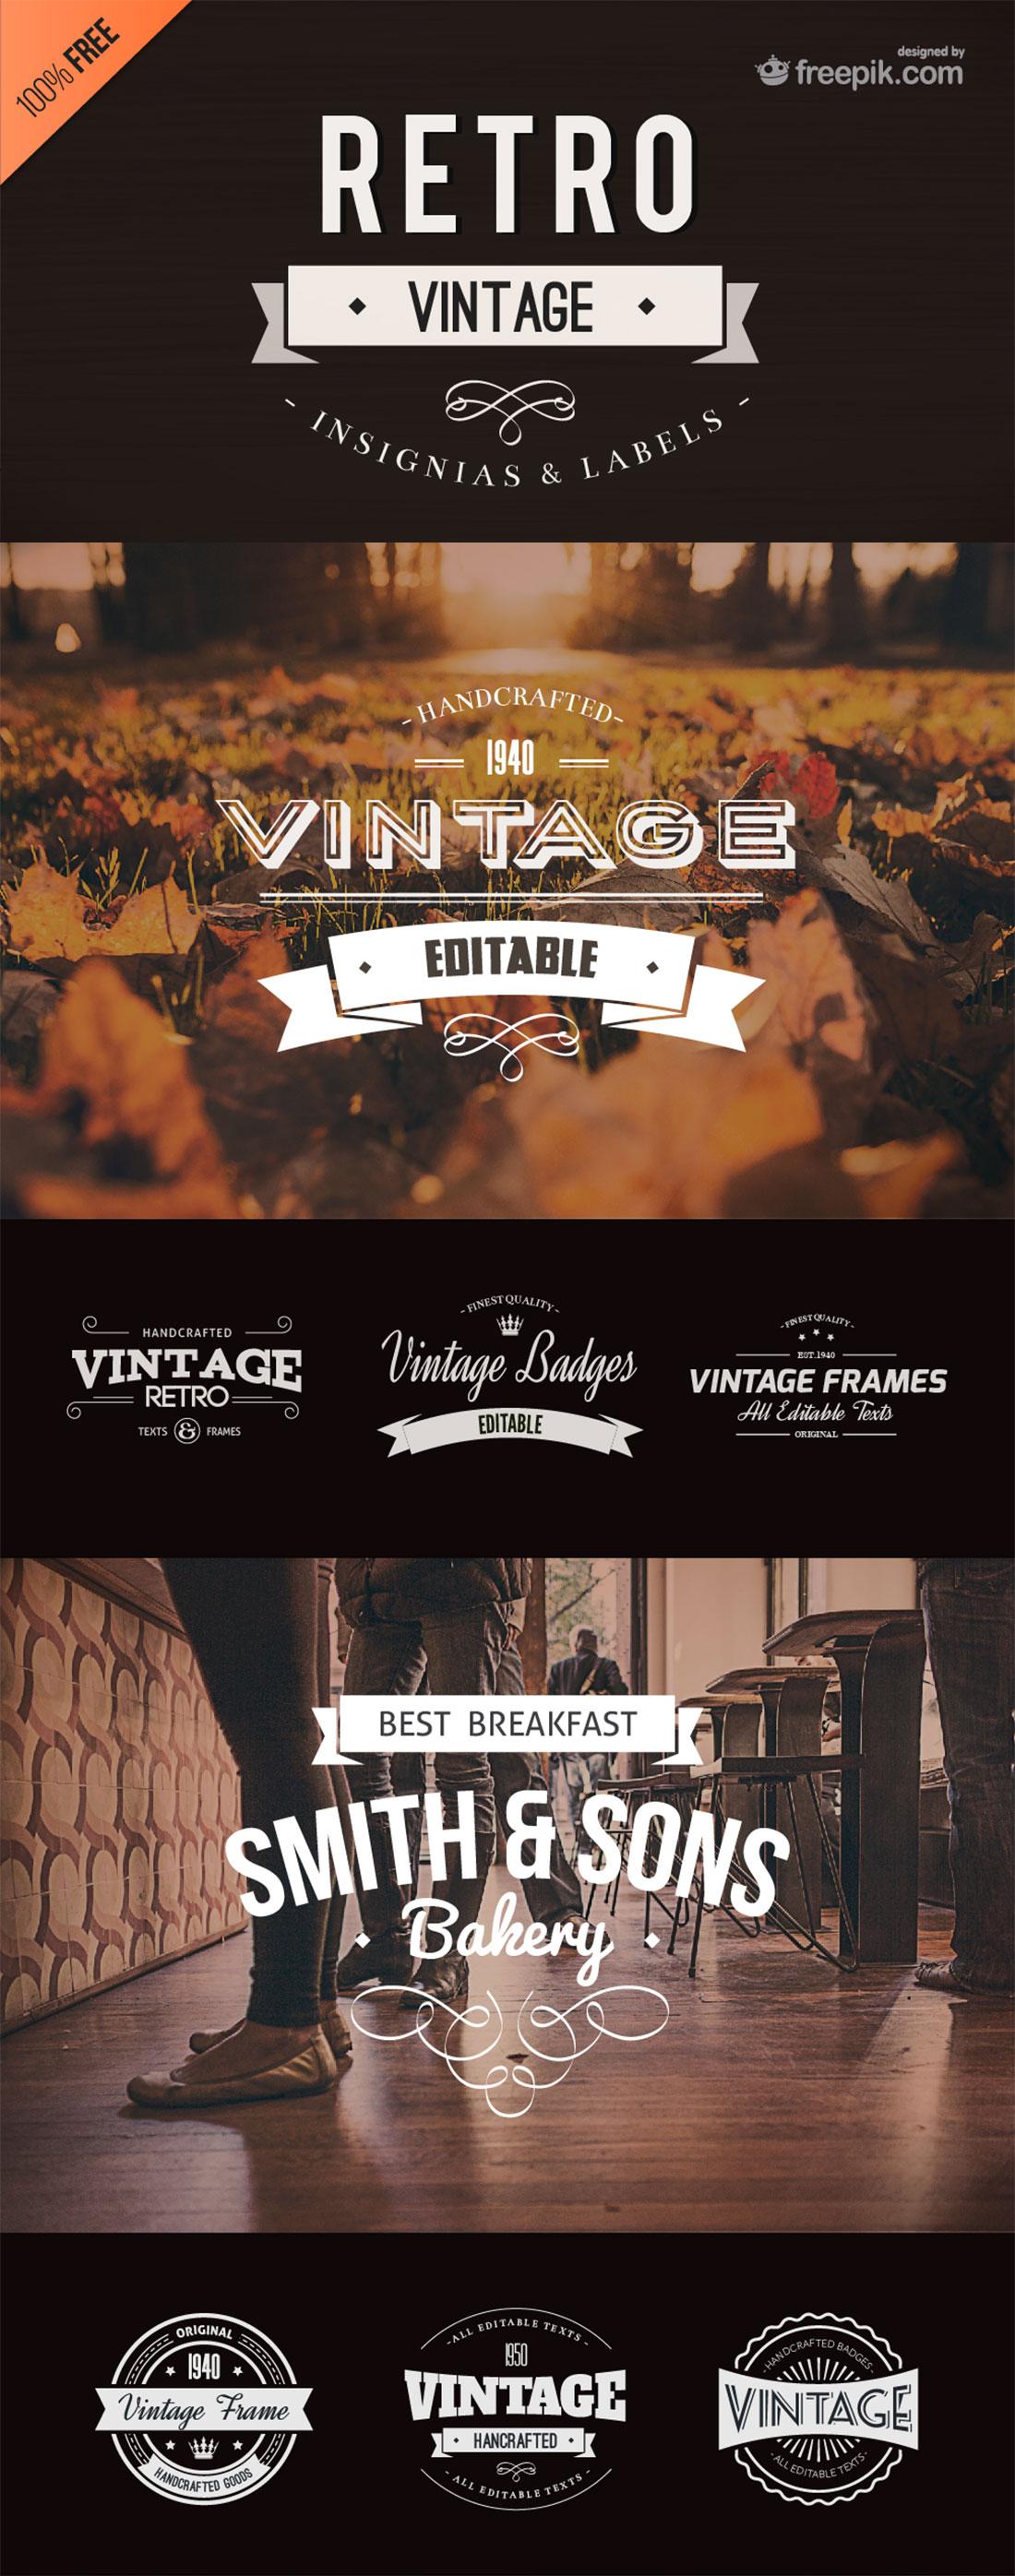 Free Vector vintage